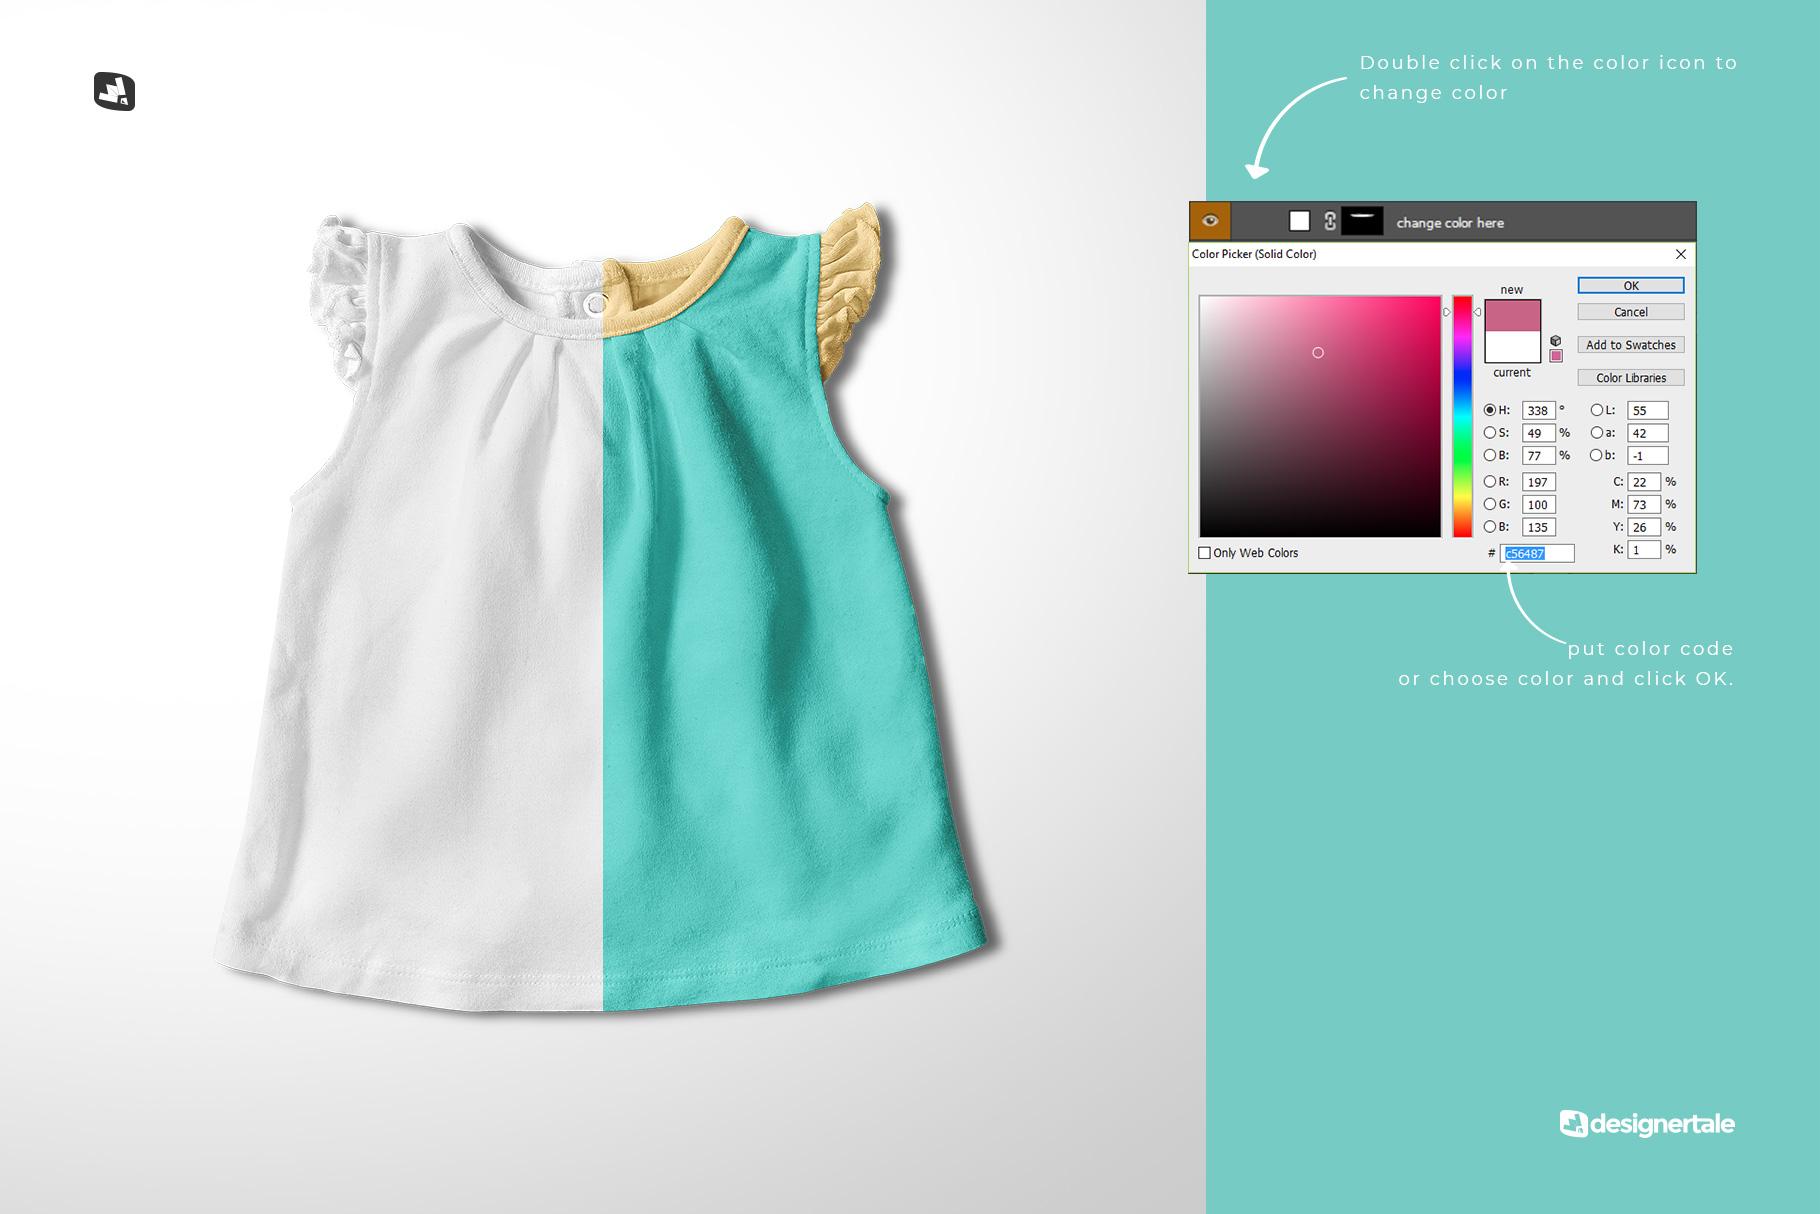 change color of the ruffle sleeve baby girl top mockup